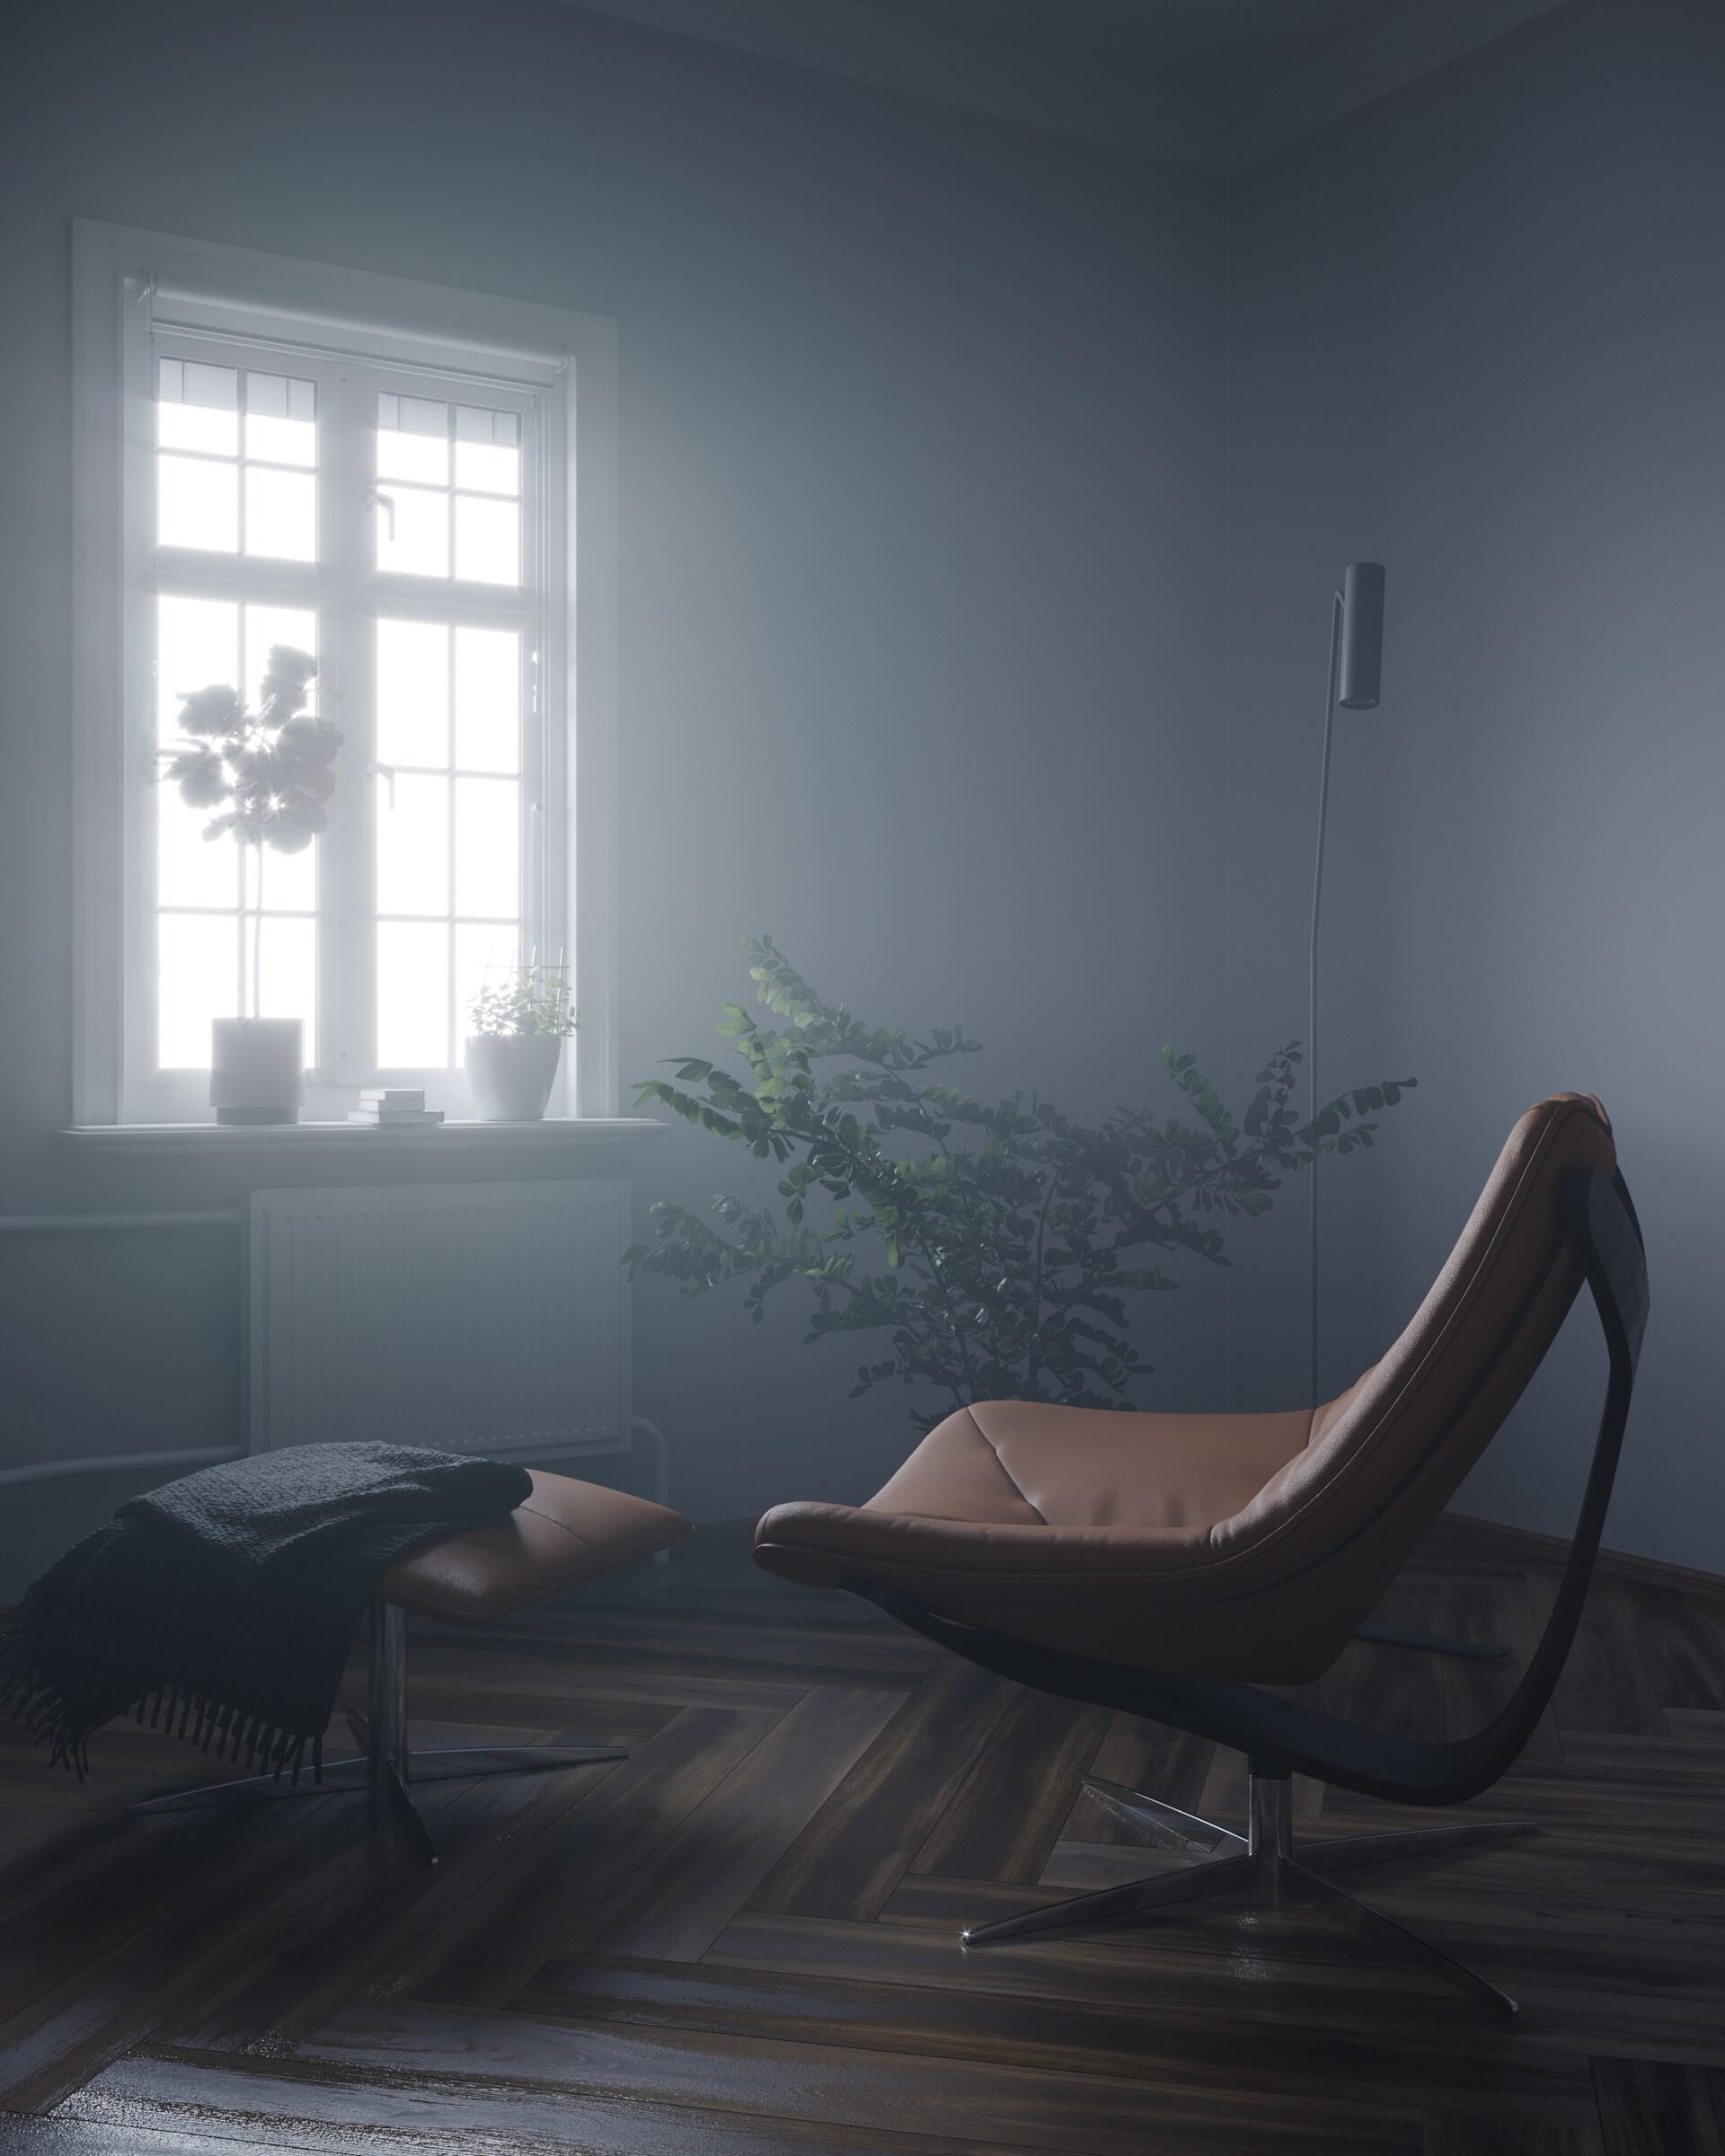 इंटीरियर का कलात्मक दृश्य। 3d max corona render में प्रस्तुत छवि